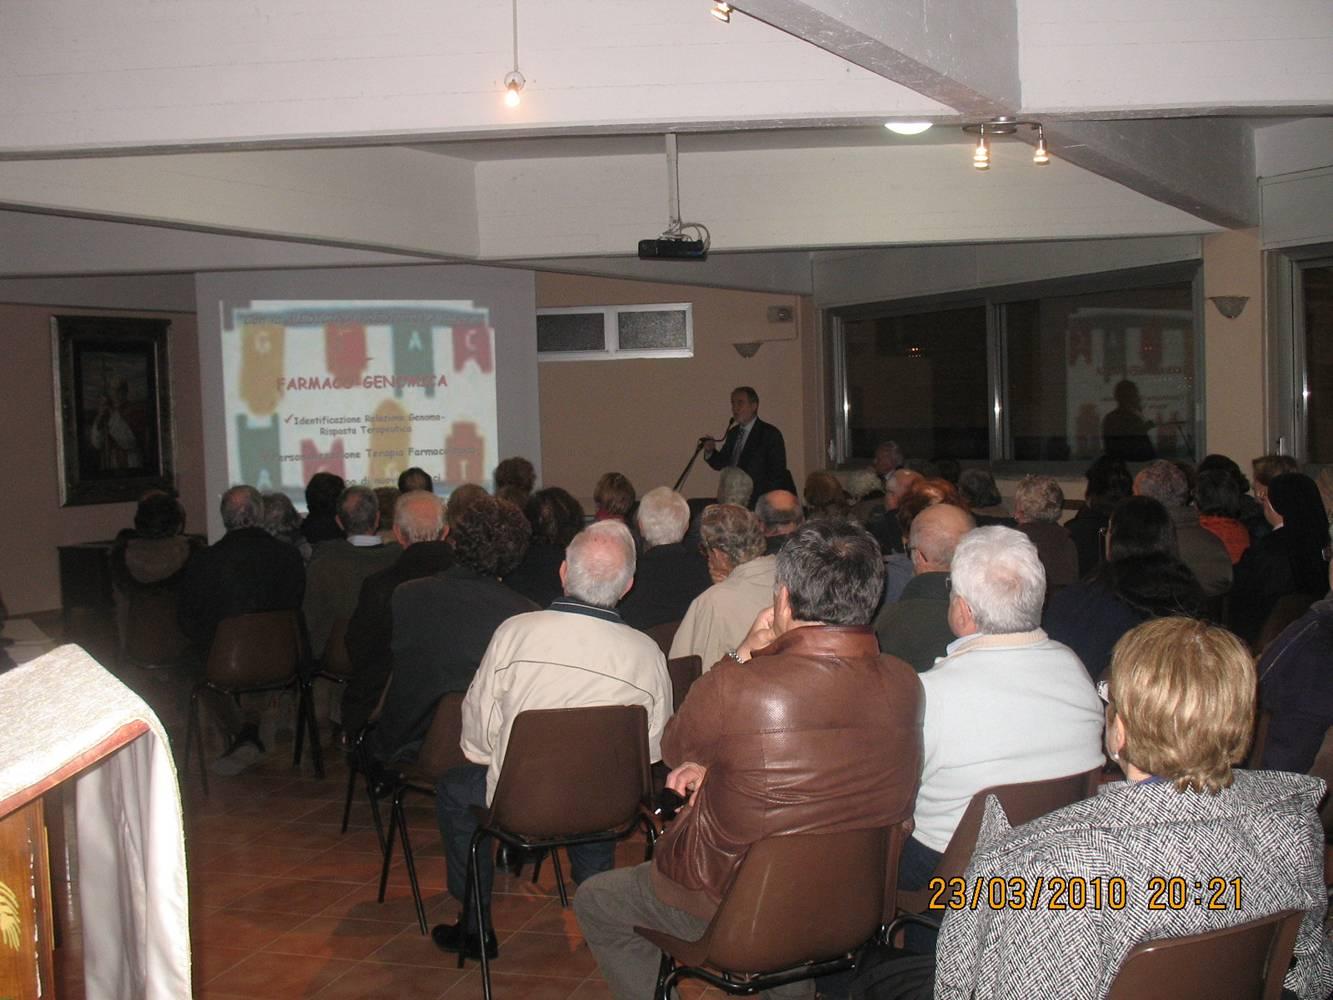 http://associazioneamec.com/amec/images/foto/Immagine8.jpg